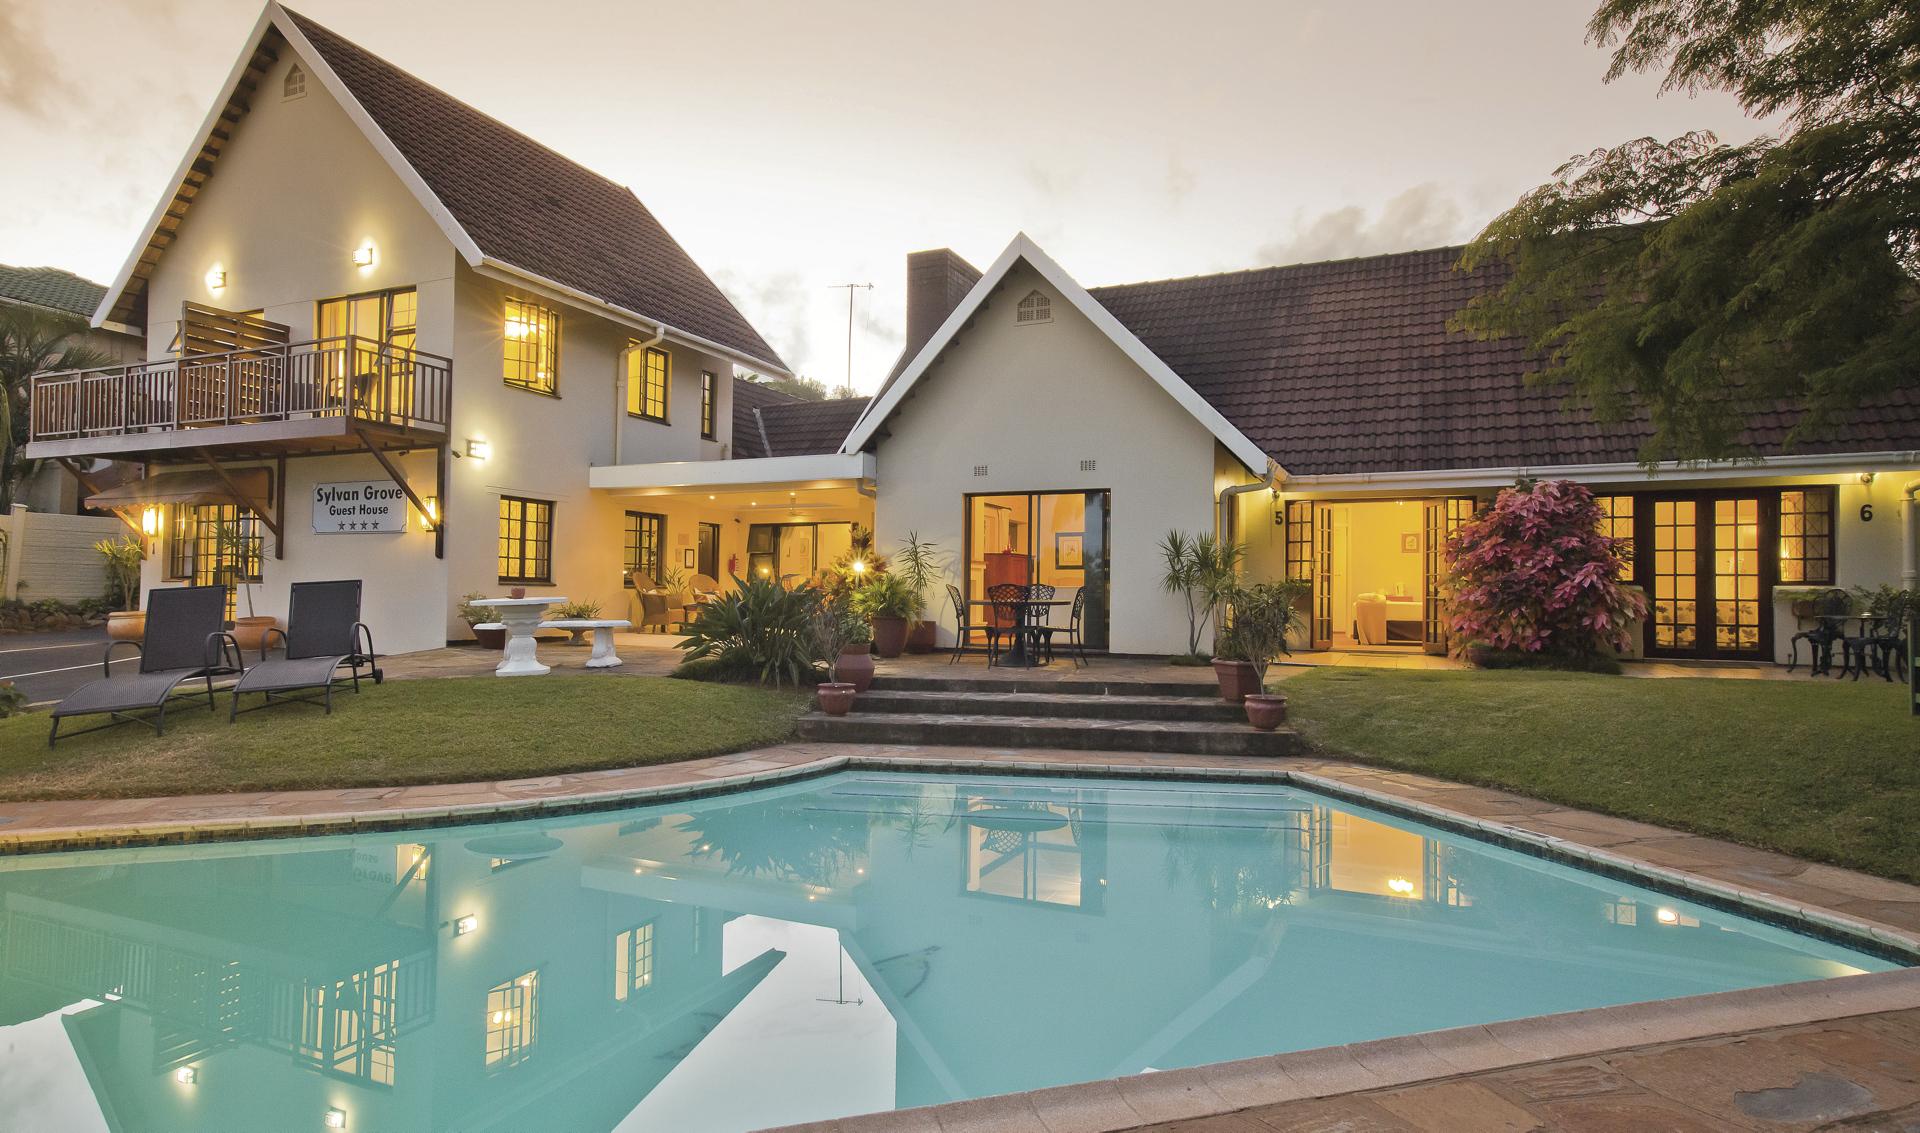 Sylvan Grove Guesthouse